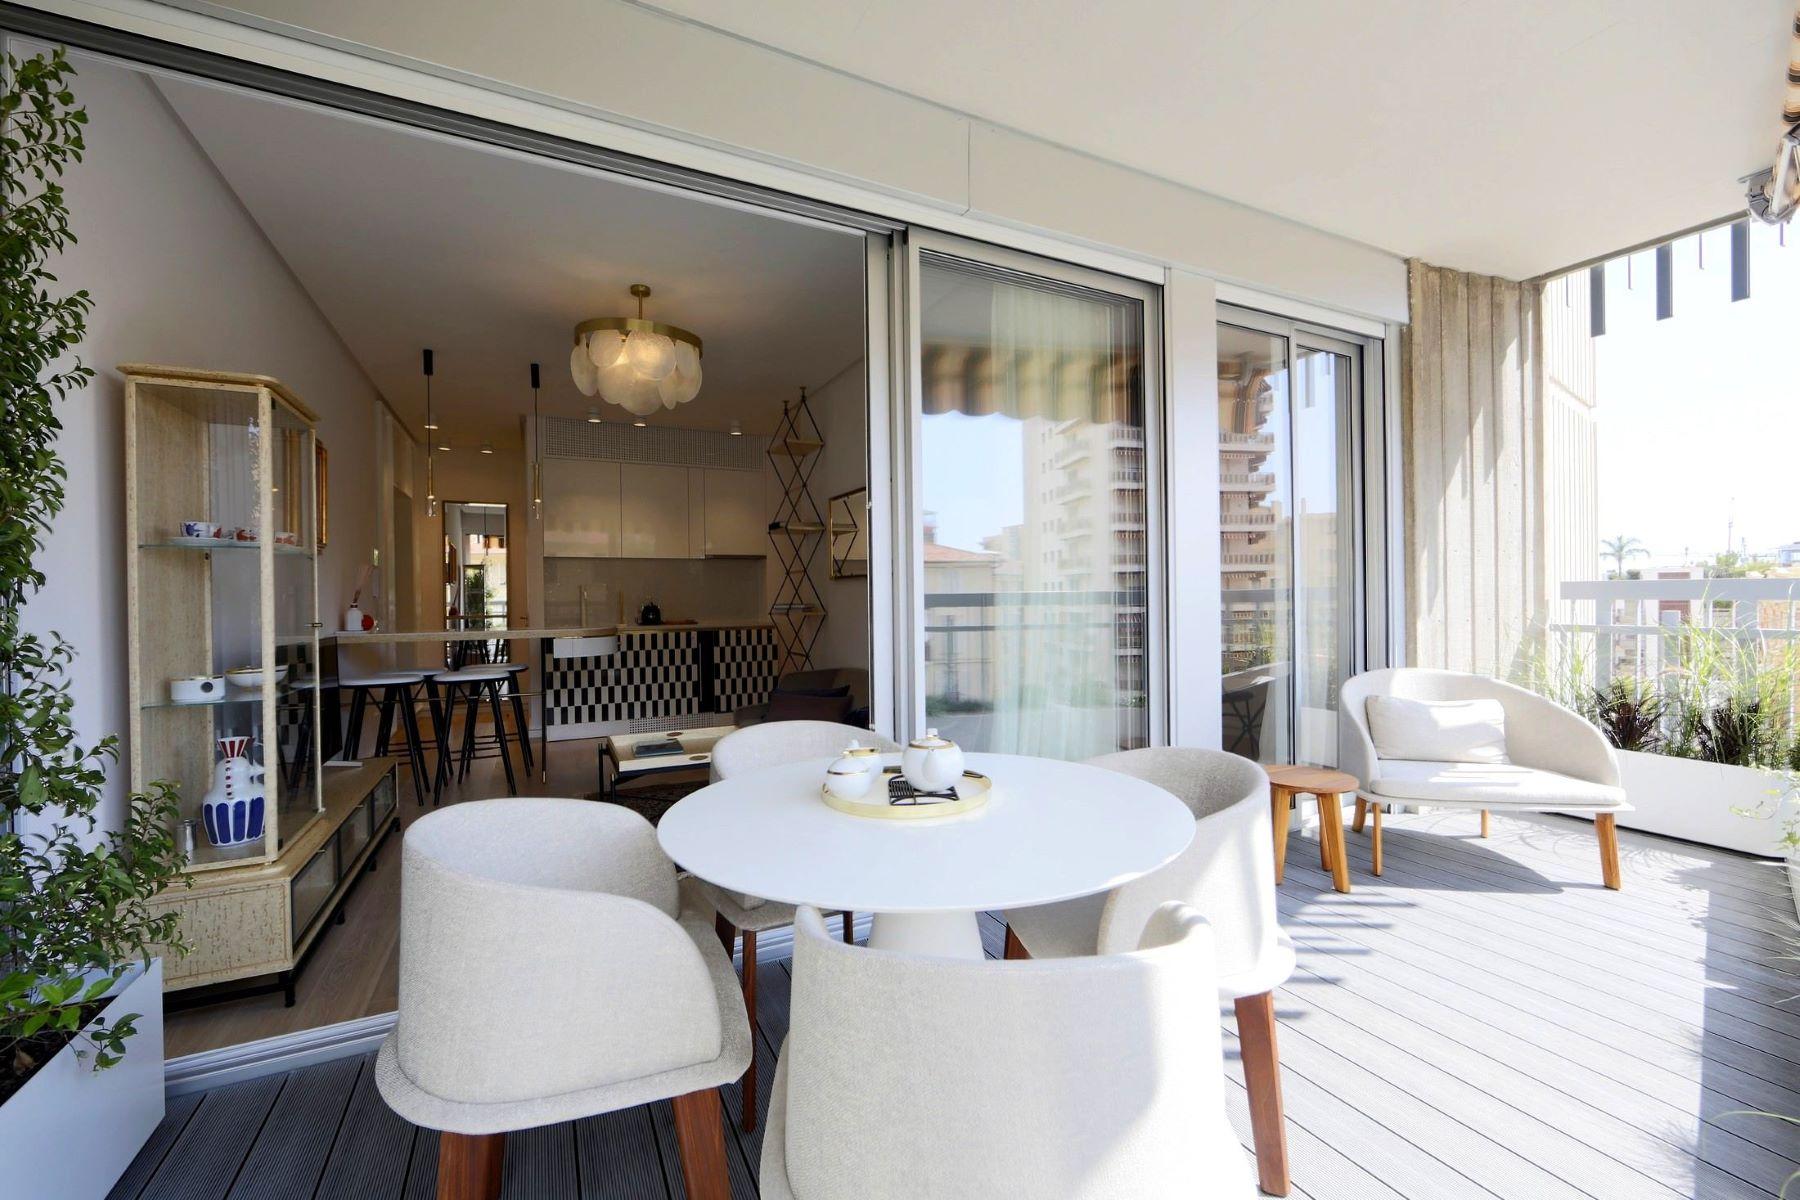 Apartments for Sale at Le Millefiori, Charming family apartment Monaco, La Condamine 98000 Monaco